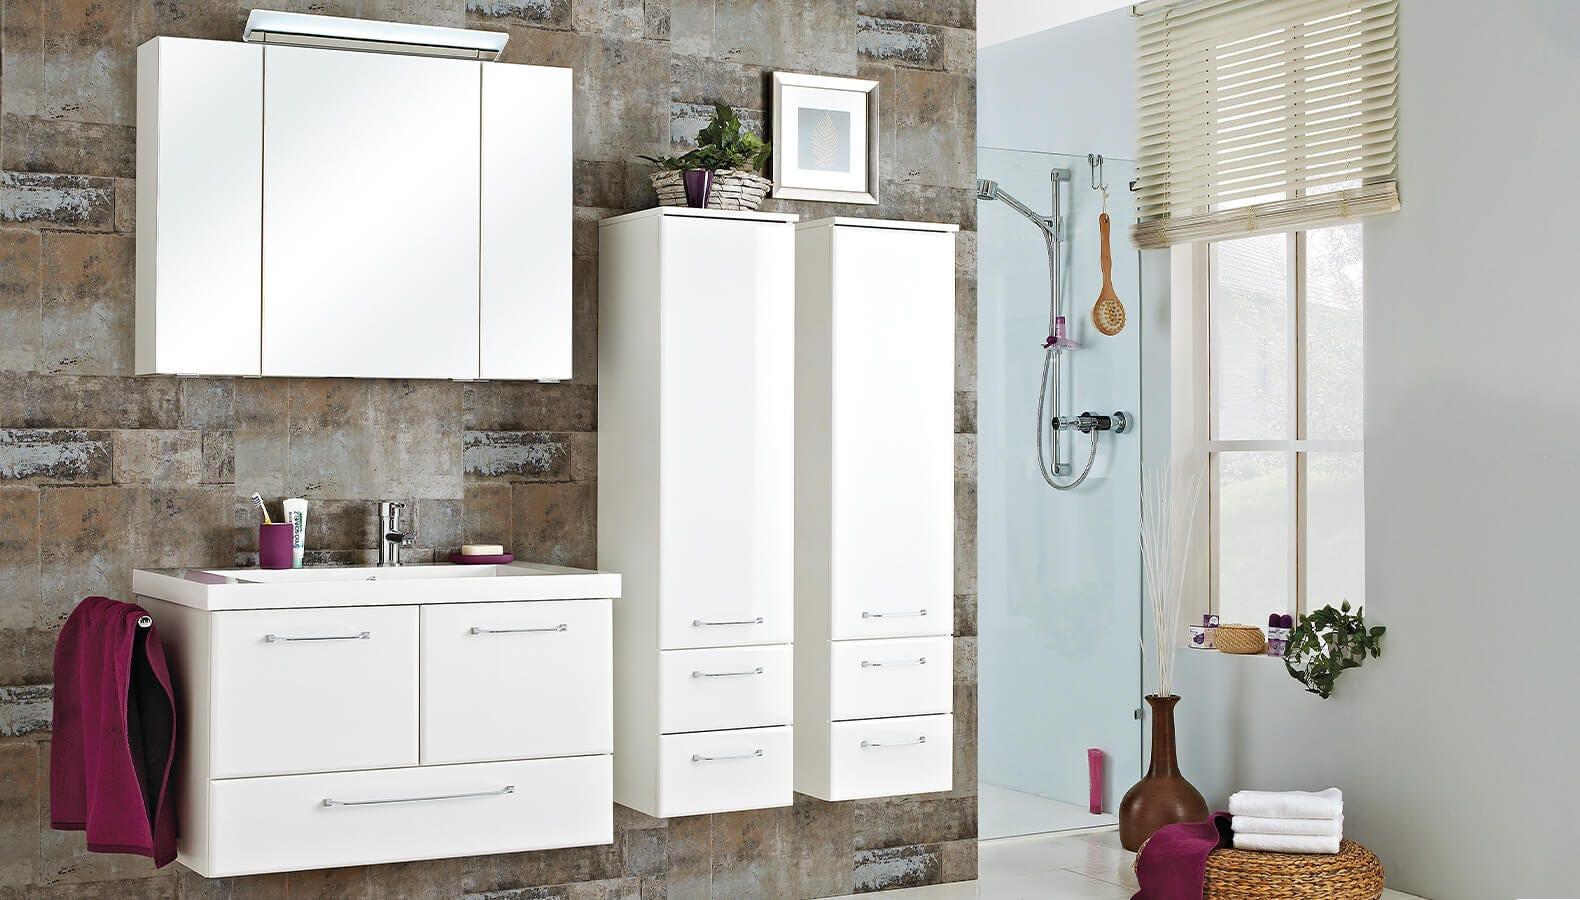 Badezimmer Filino Weiß Möbel mit echtem Trend Faktor   kika.at